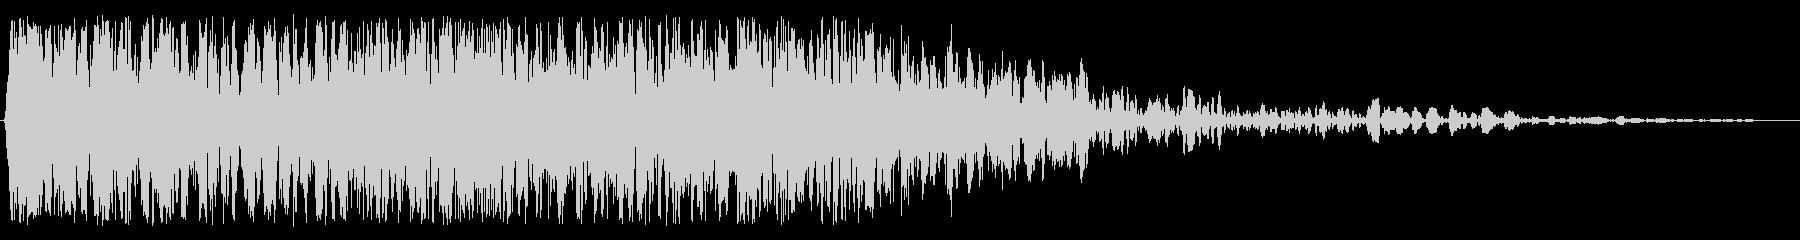 重いクランチの影響の未再生の波形